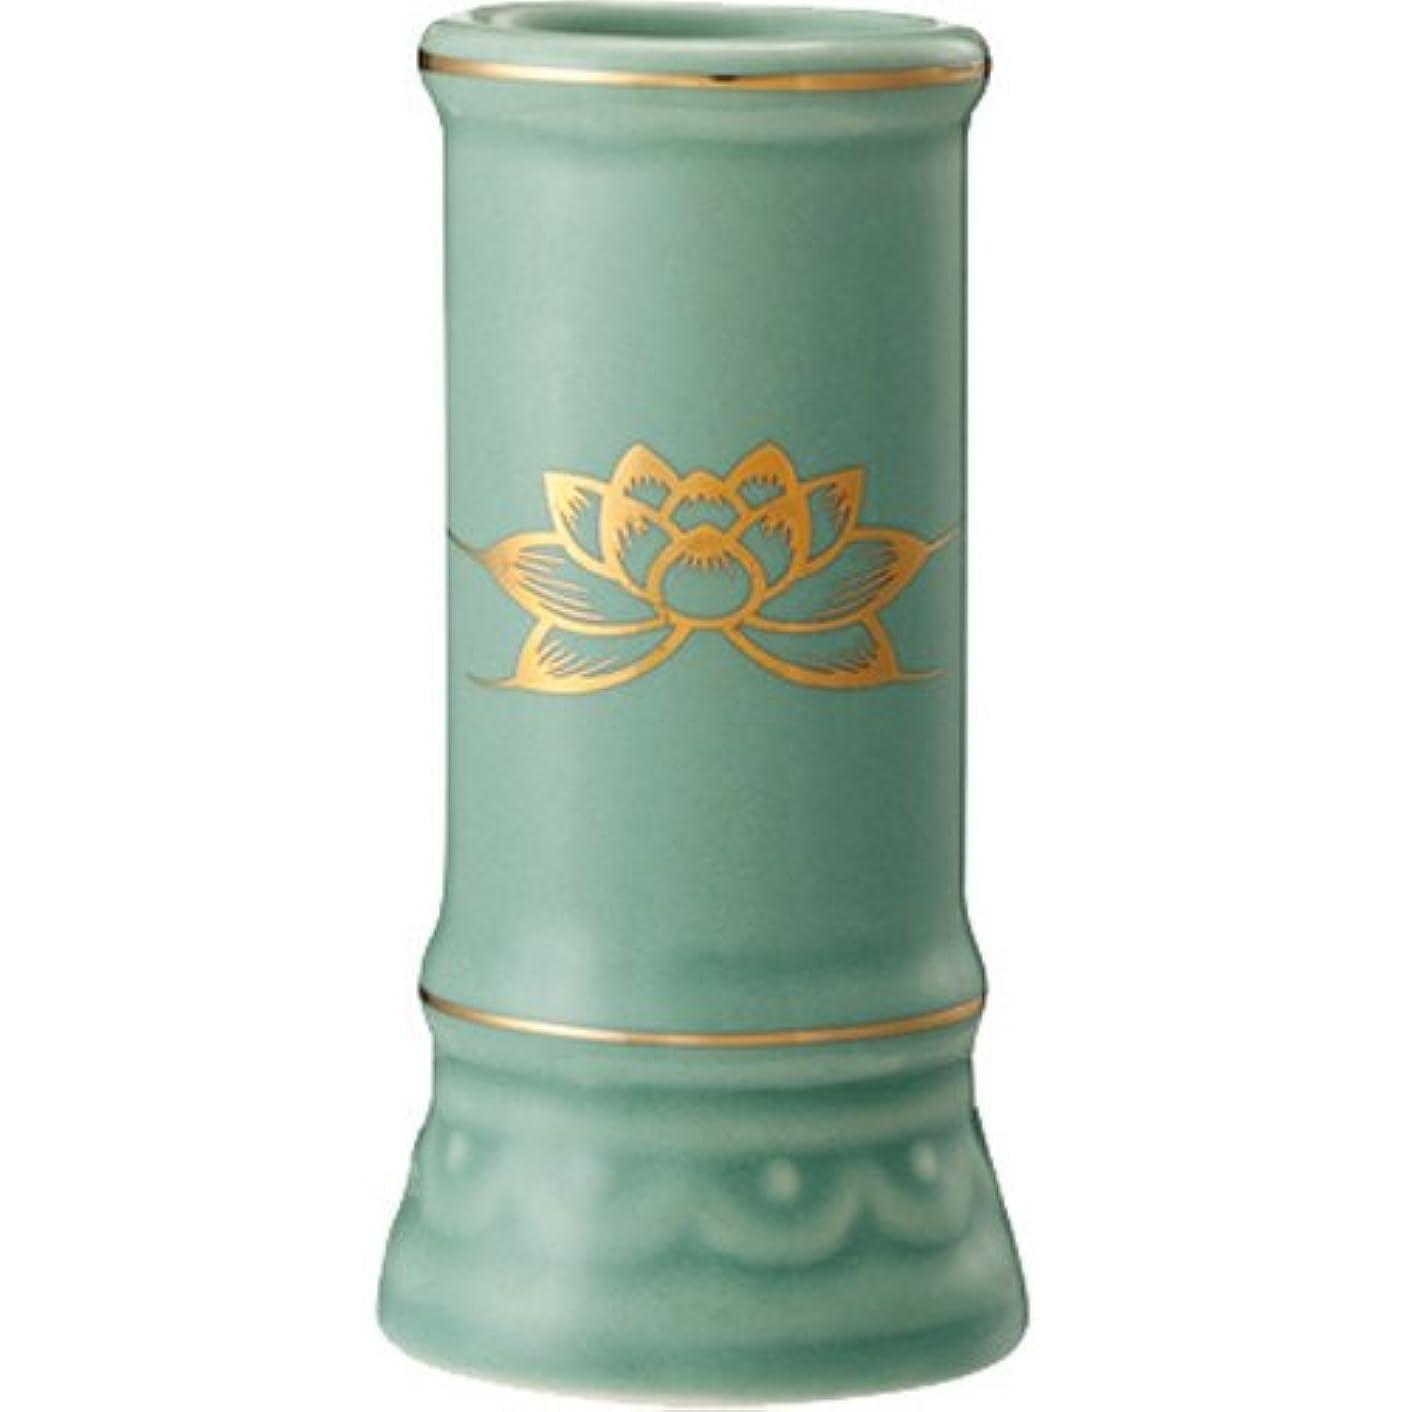 ギャラリーアラーム伝染病日本香堂 線香立て ミニ陶器青磁